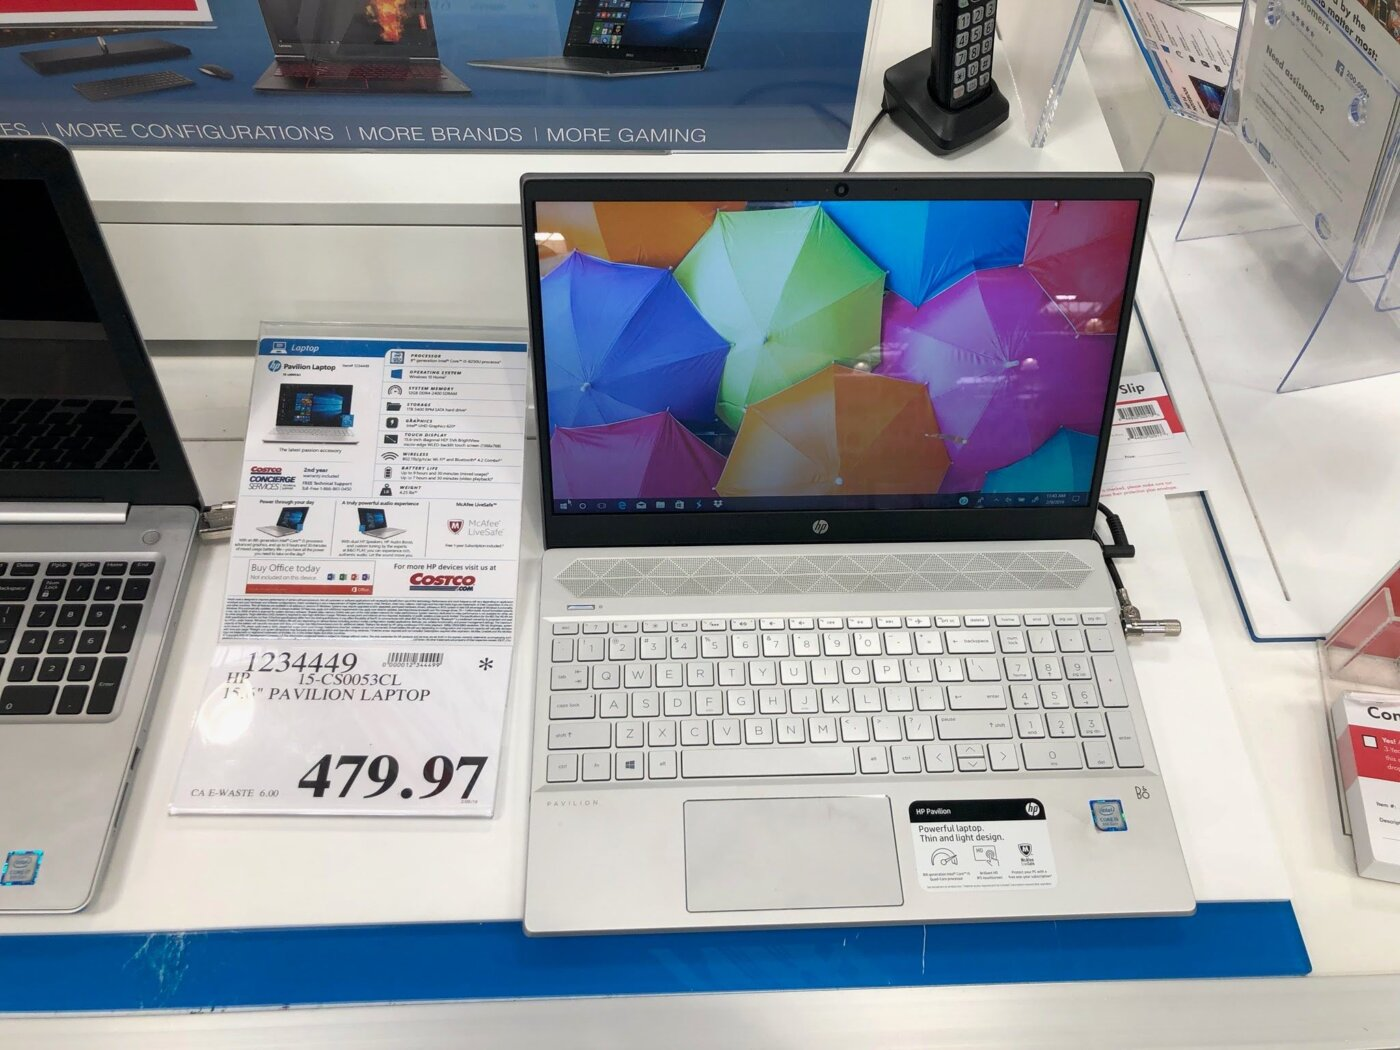 HPPavillionLaptop-1234449